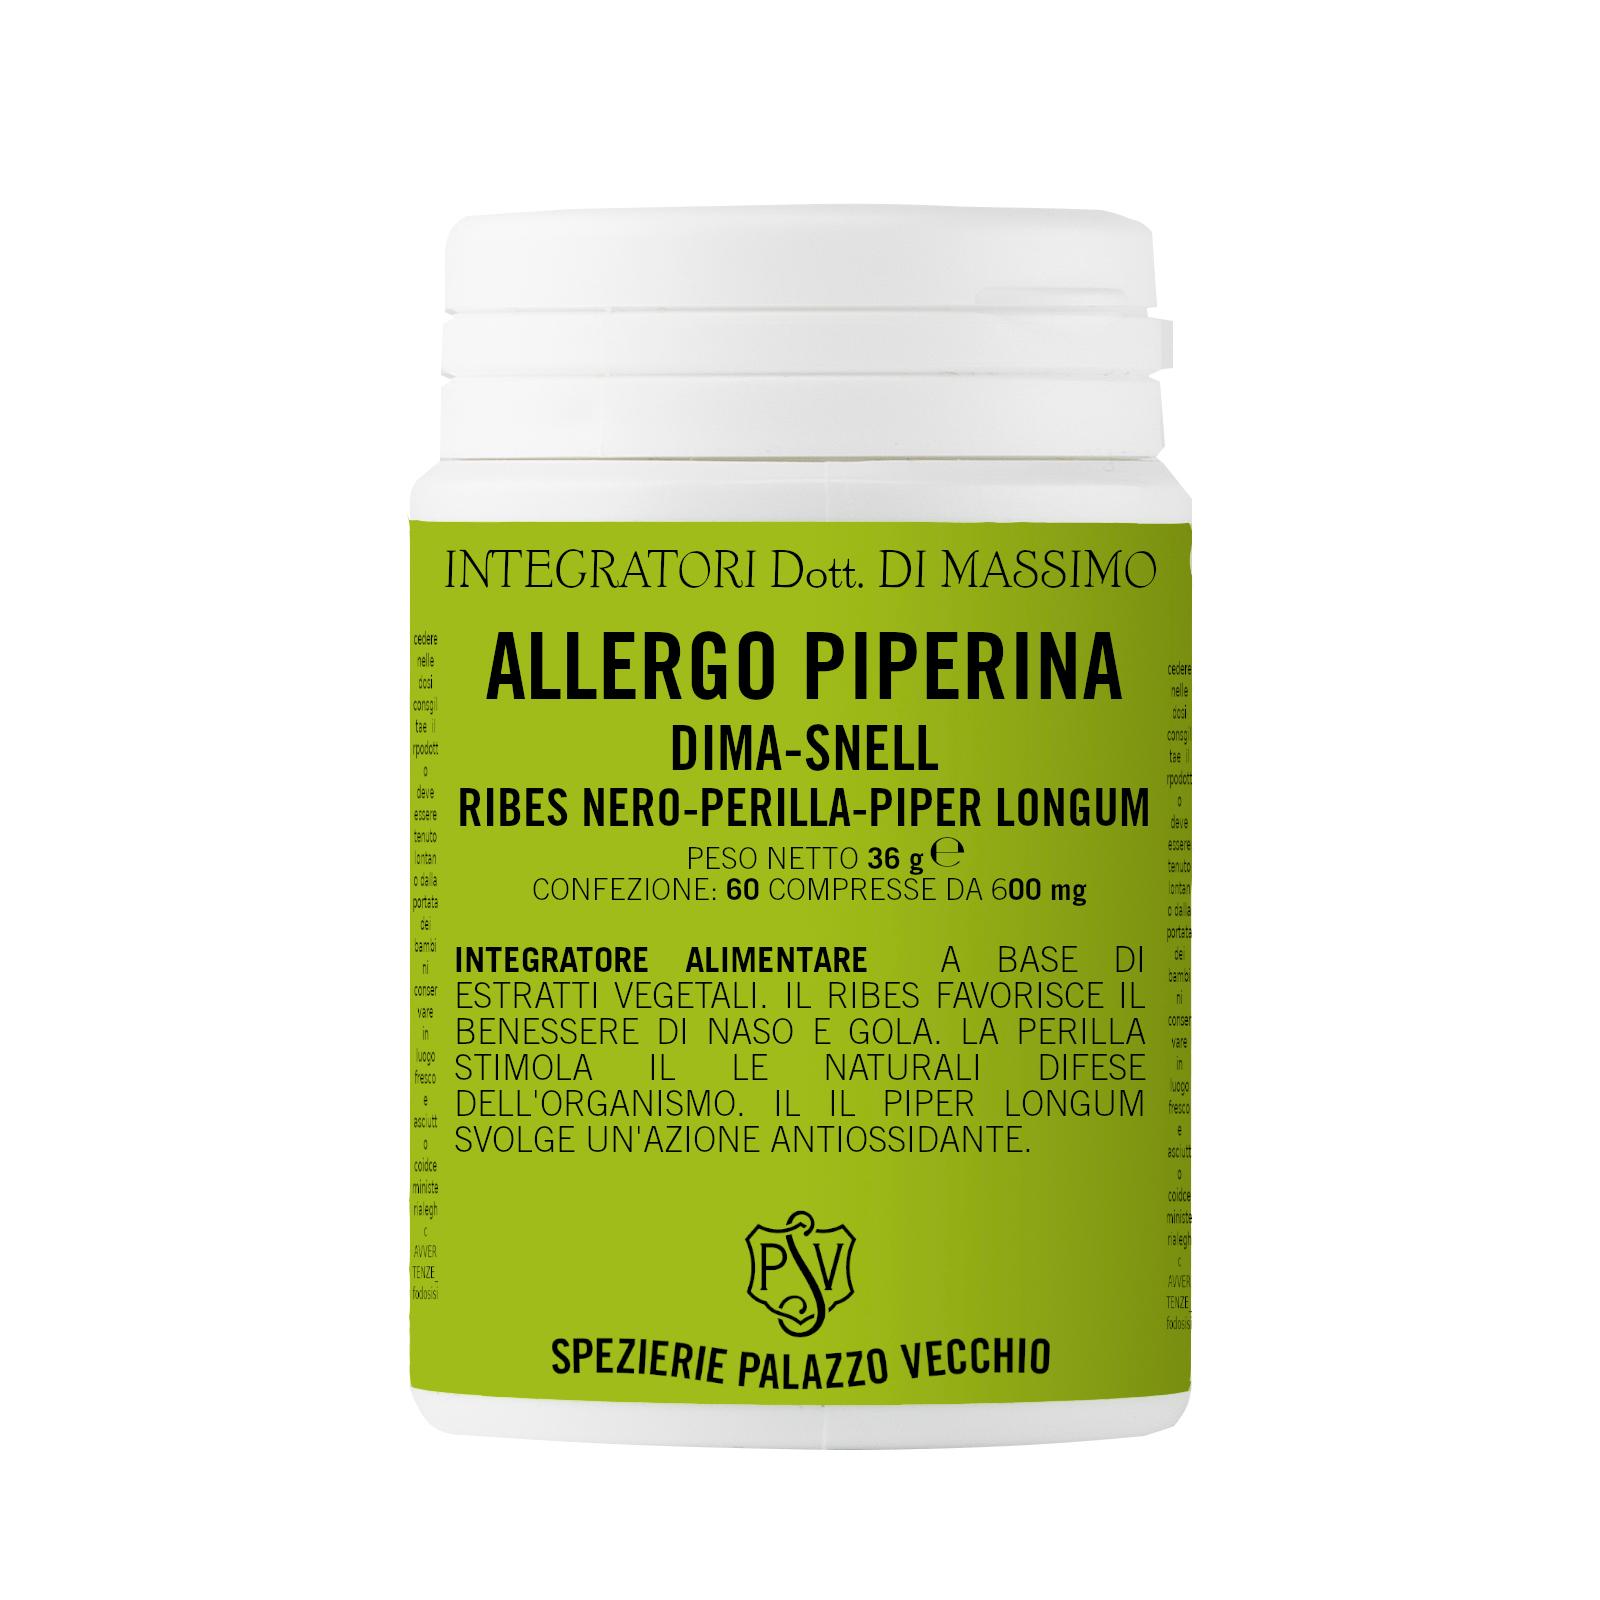 ALLERGO PIPERINA PRO-CORT-0